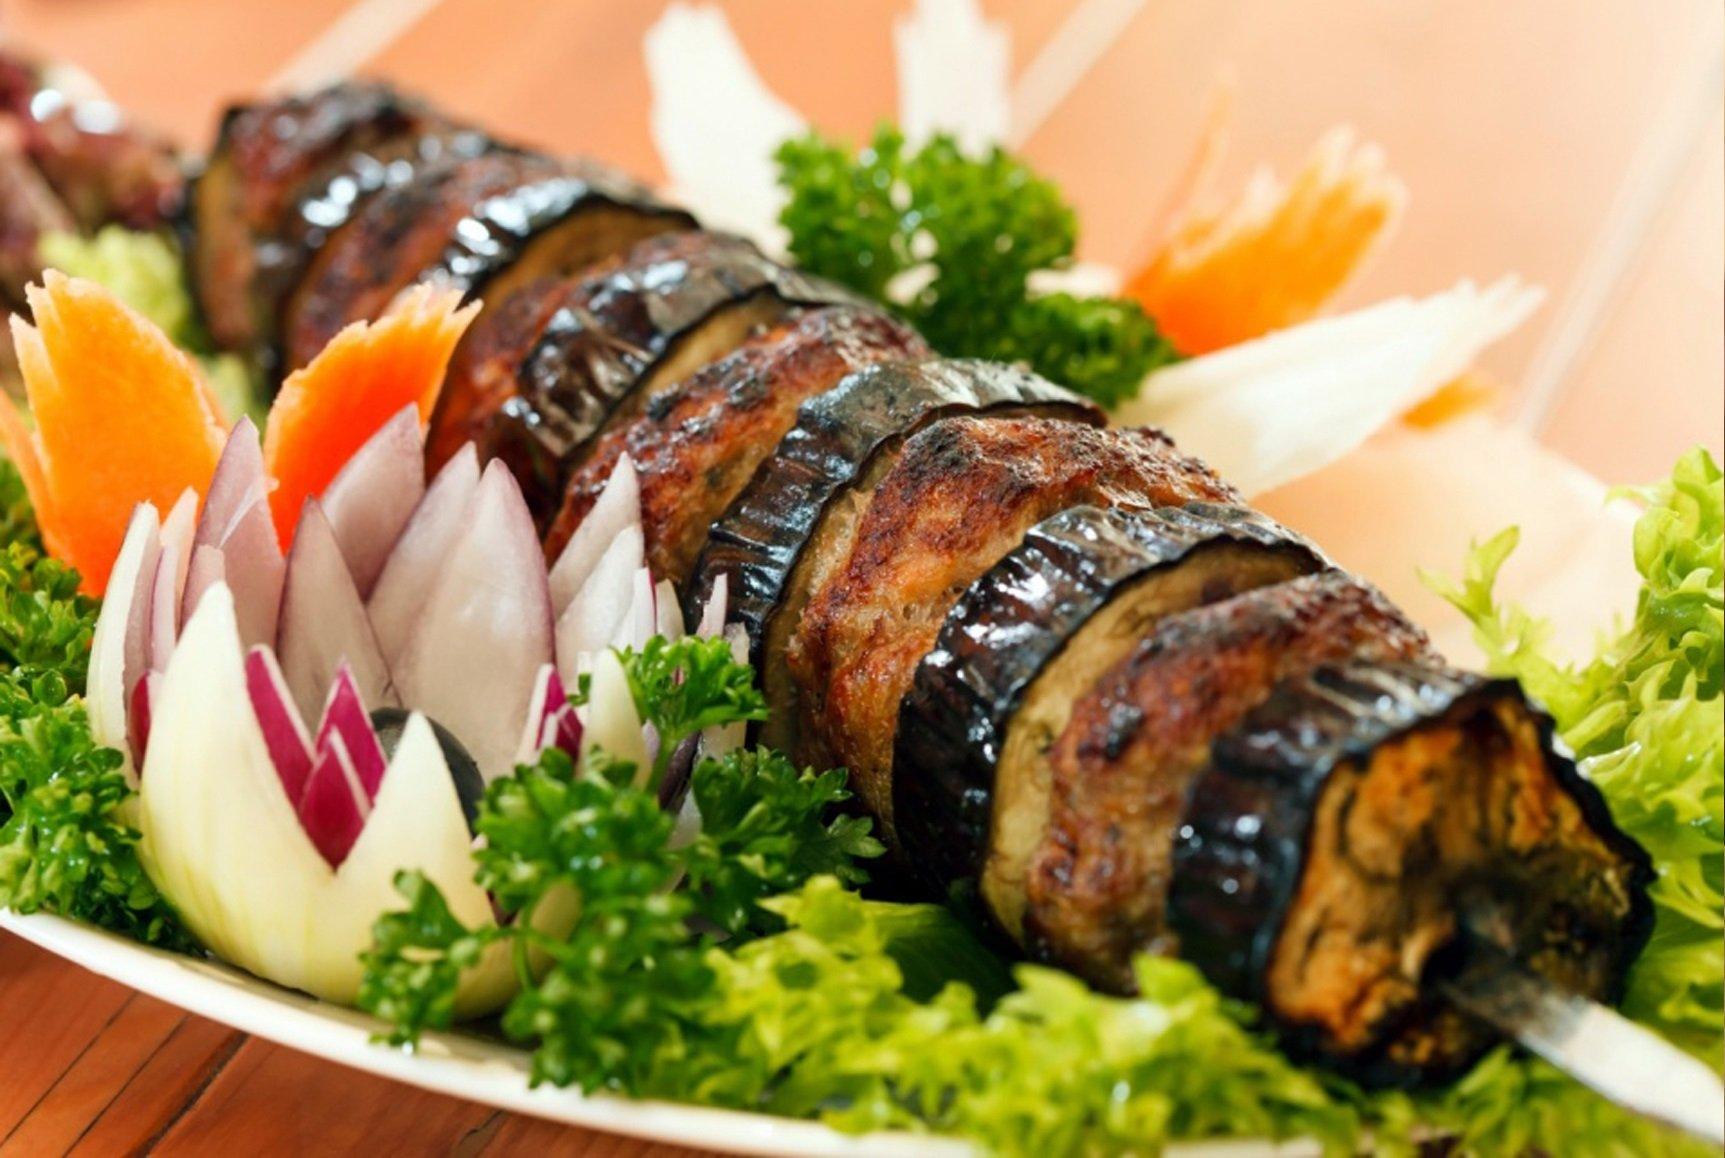 Баклажаны как шашлык на зиму: рецепт аппетитной, вкусной и ароматной заготовки - today.ua